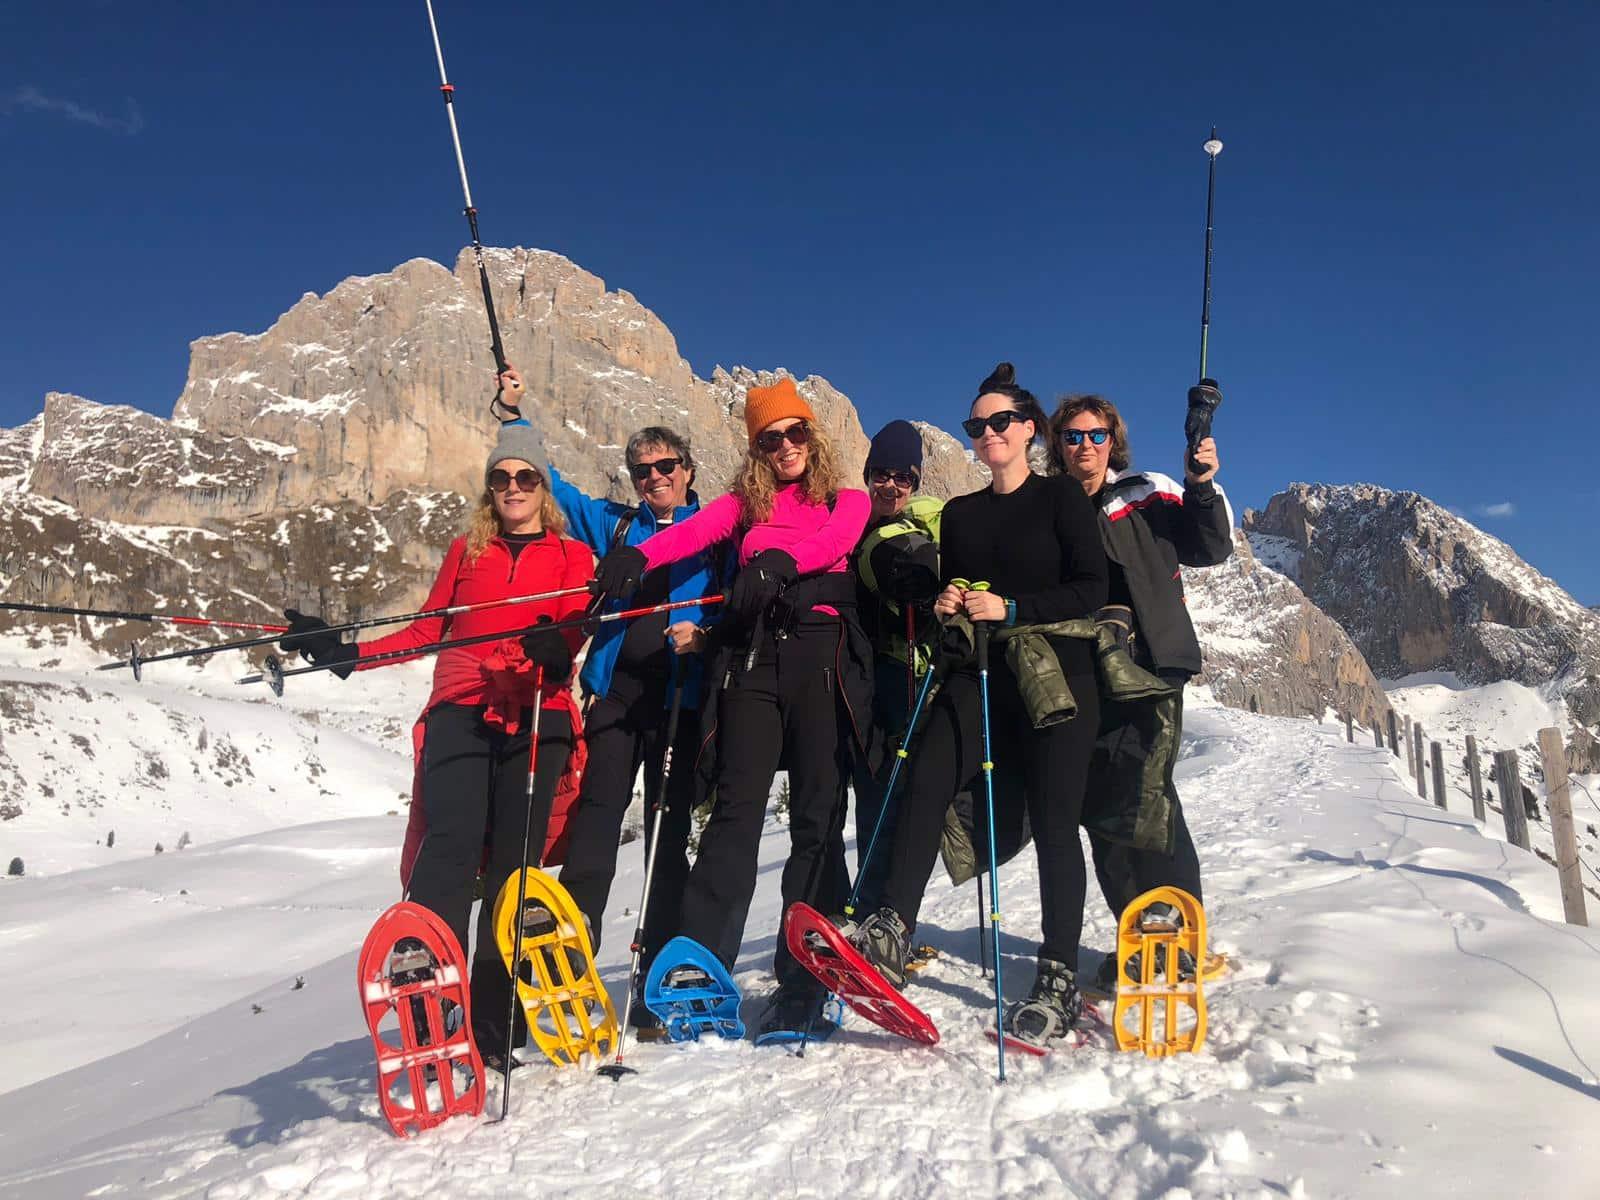 Val Gardena winter sports Italy